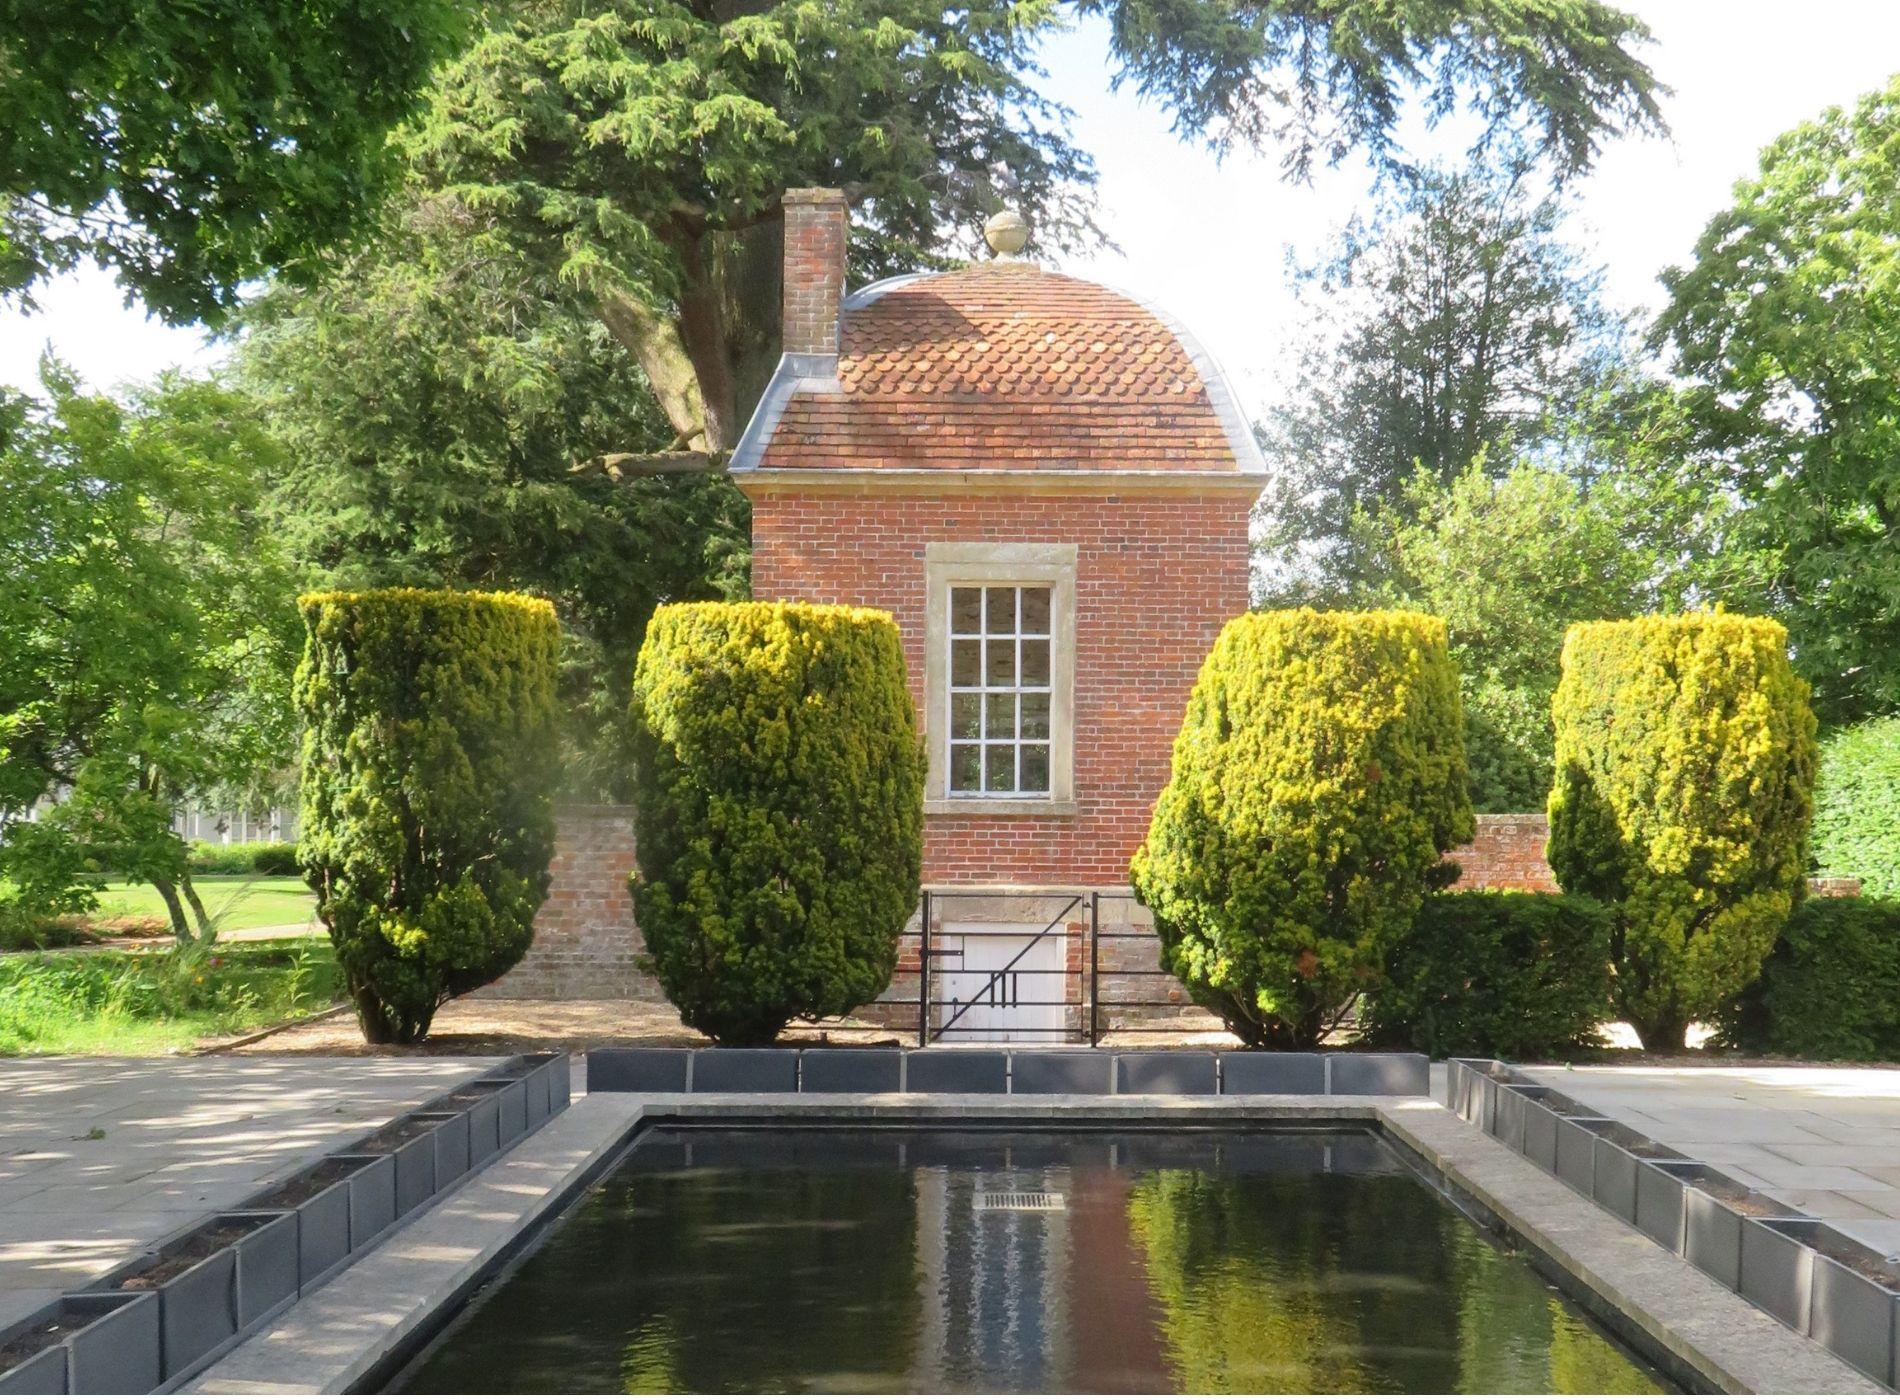 Hillworth Park Pavilion